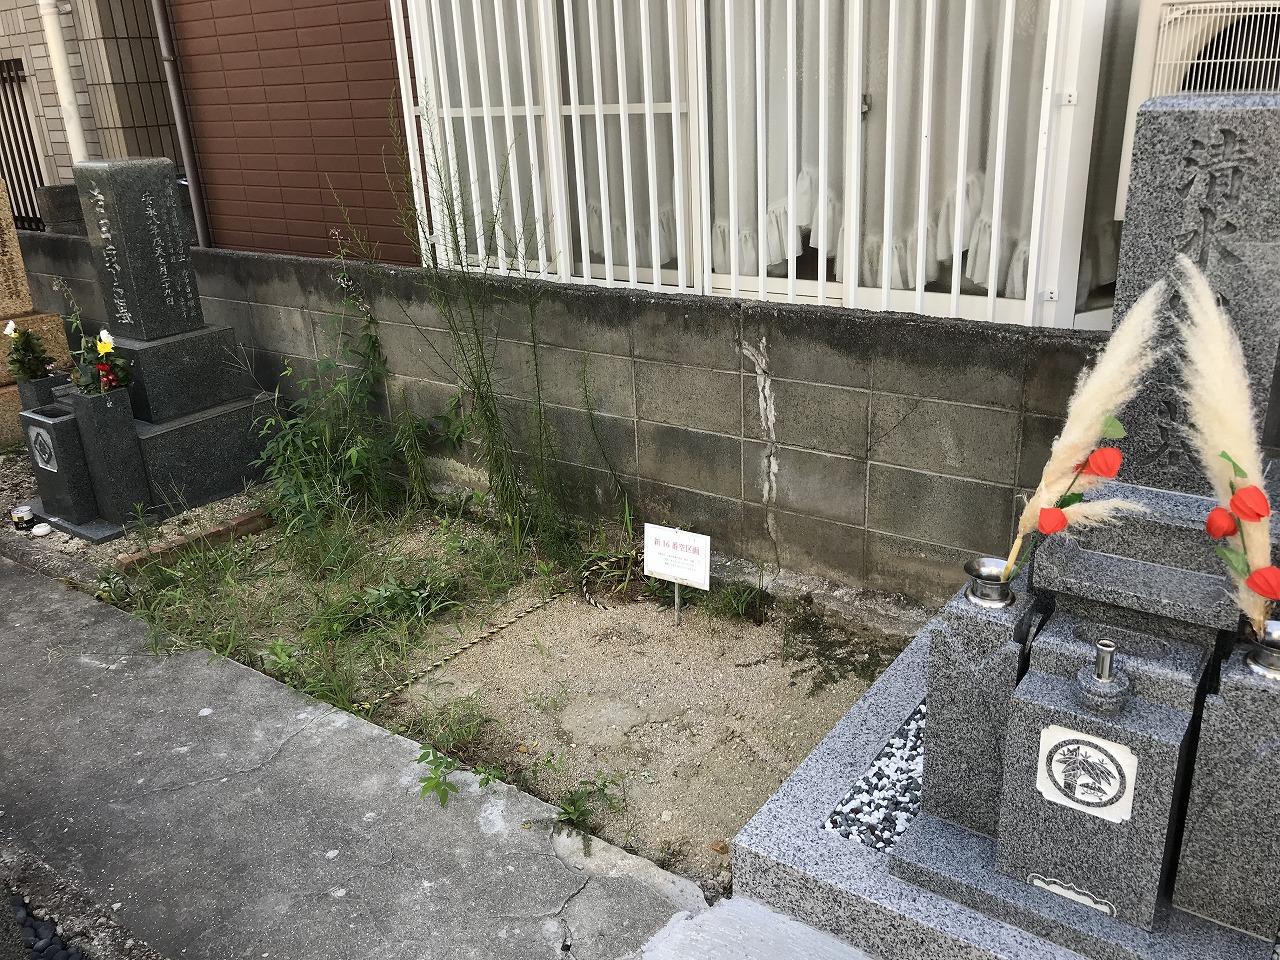 瓦林地区墓地(西宮市)の空き区画はあります。